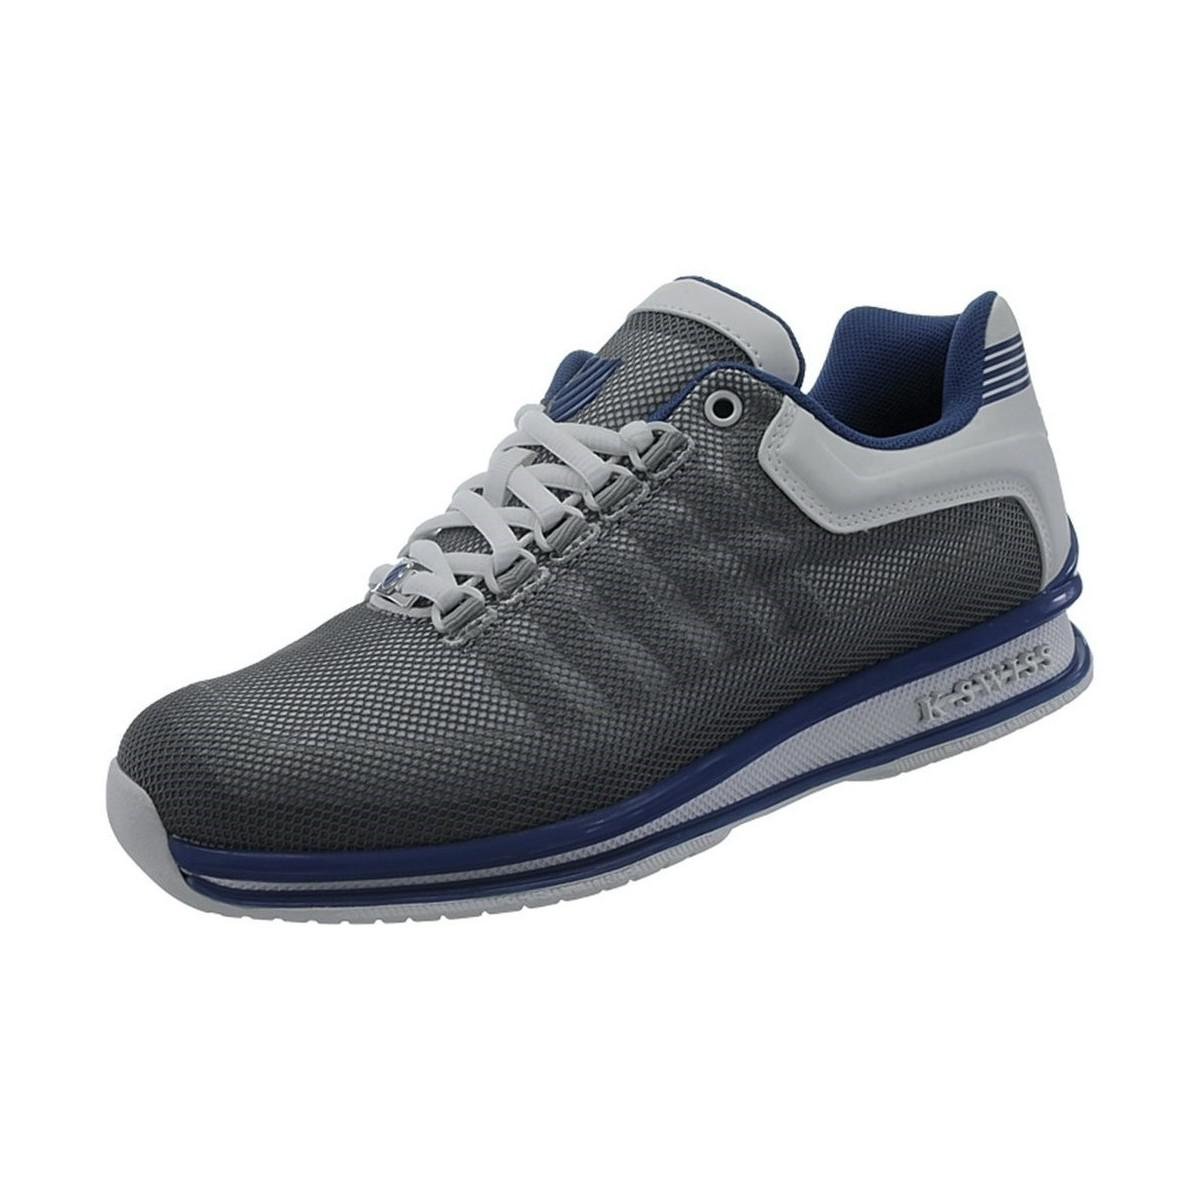 Etro Mens Shoes